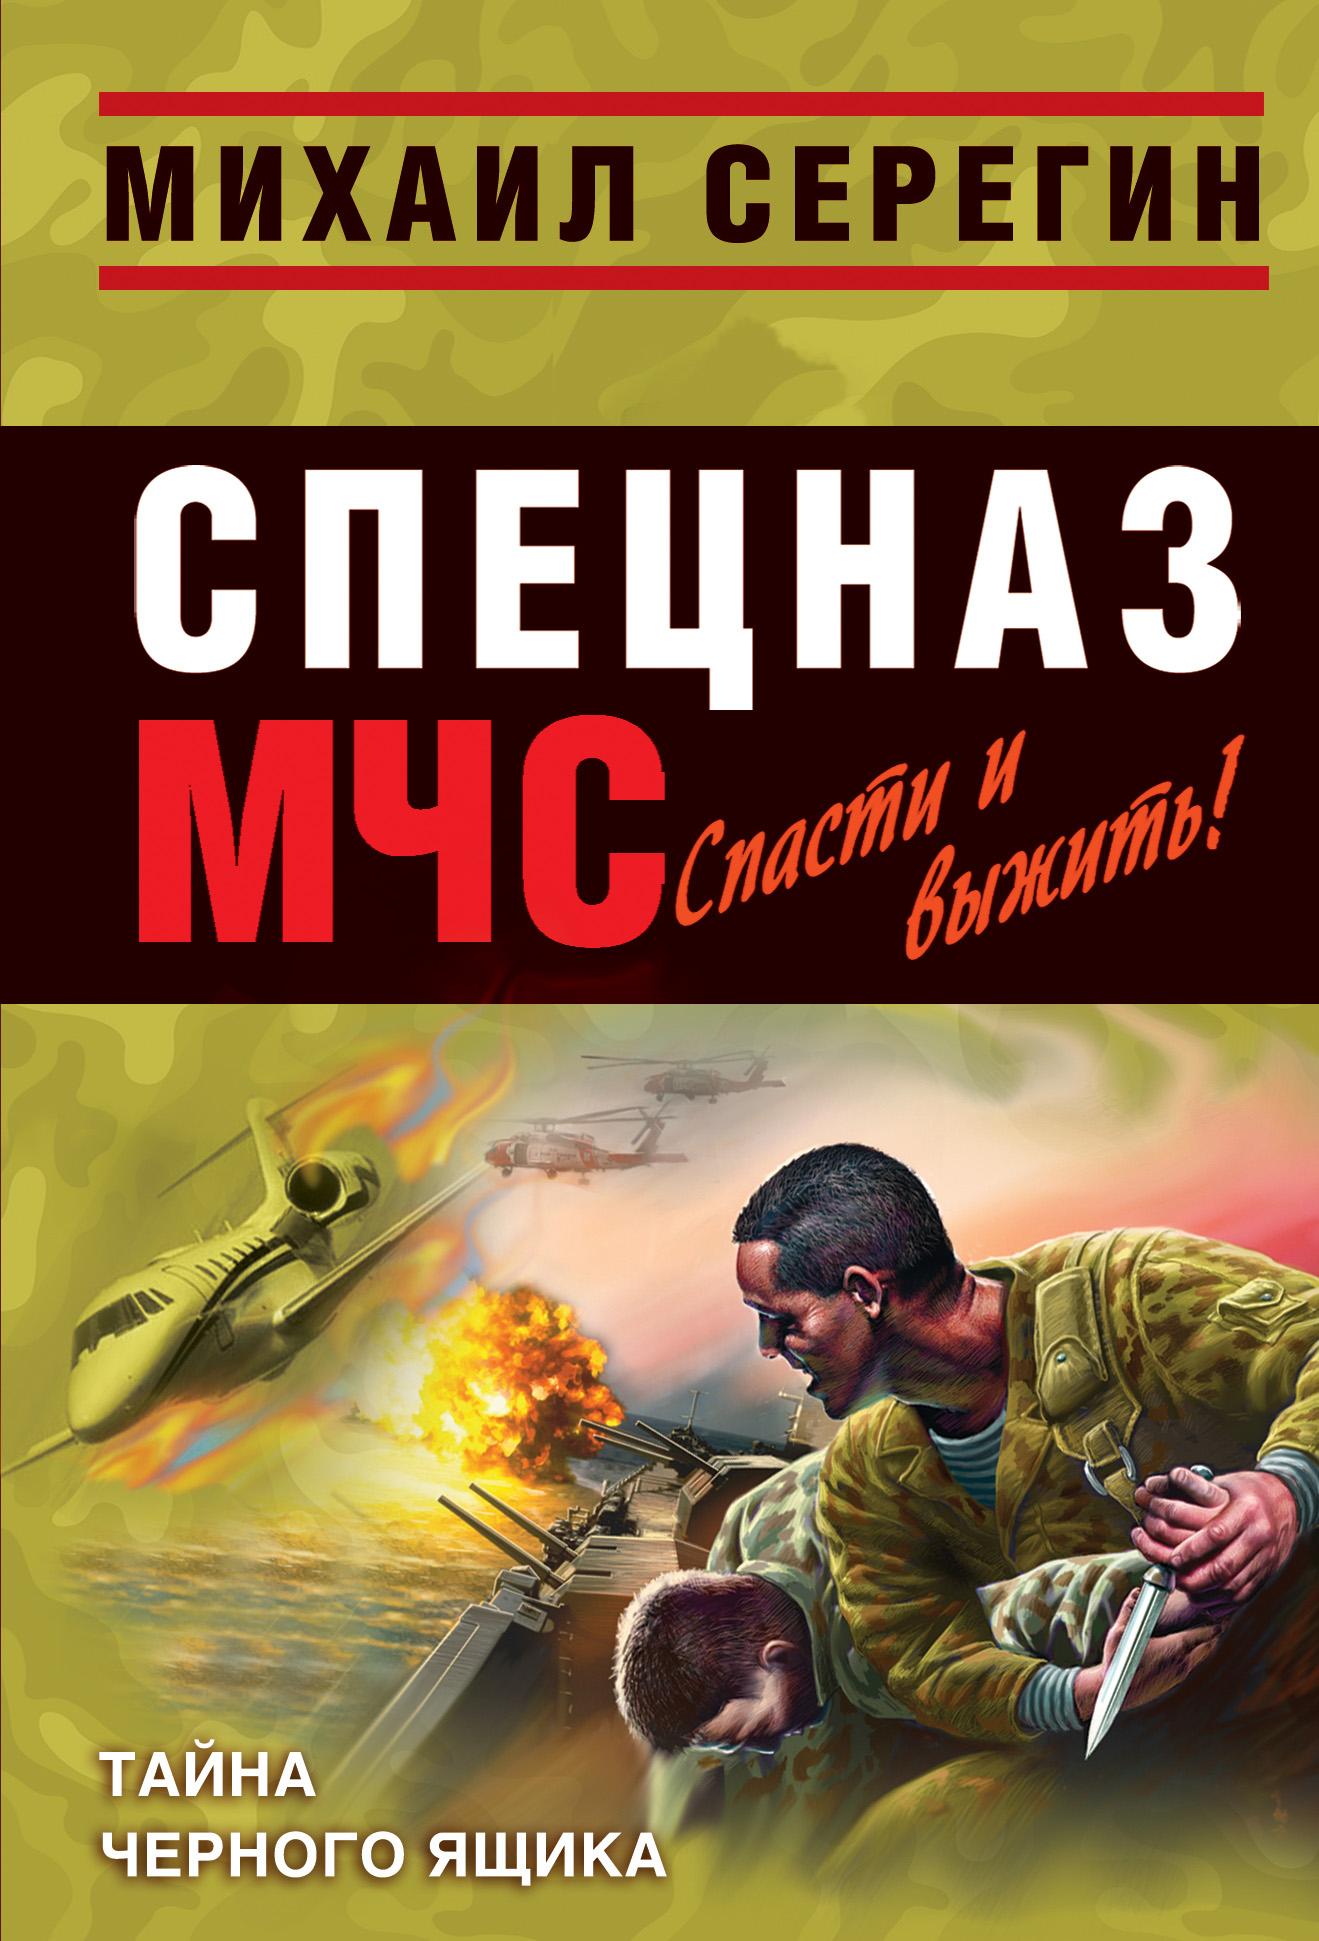 Михаил Серегин Тайна черного ящика настольные часы rhythm crh136nr06 page 3